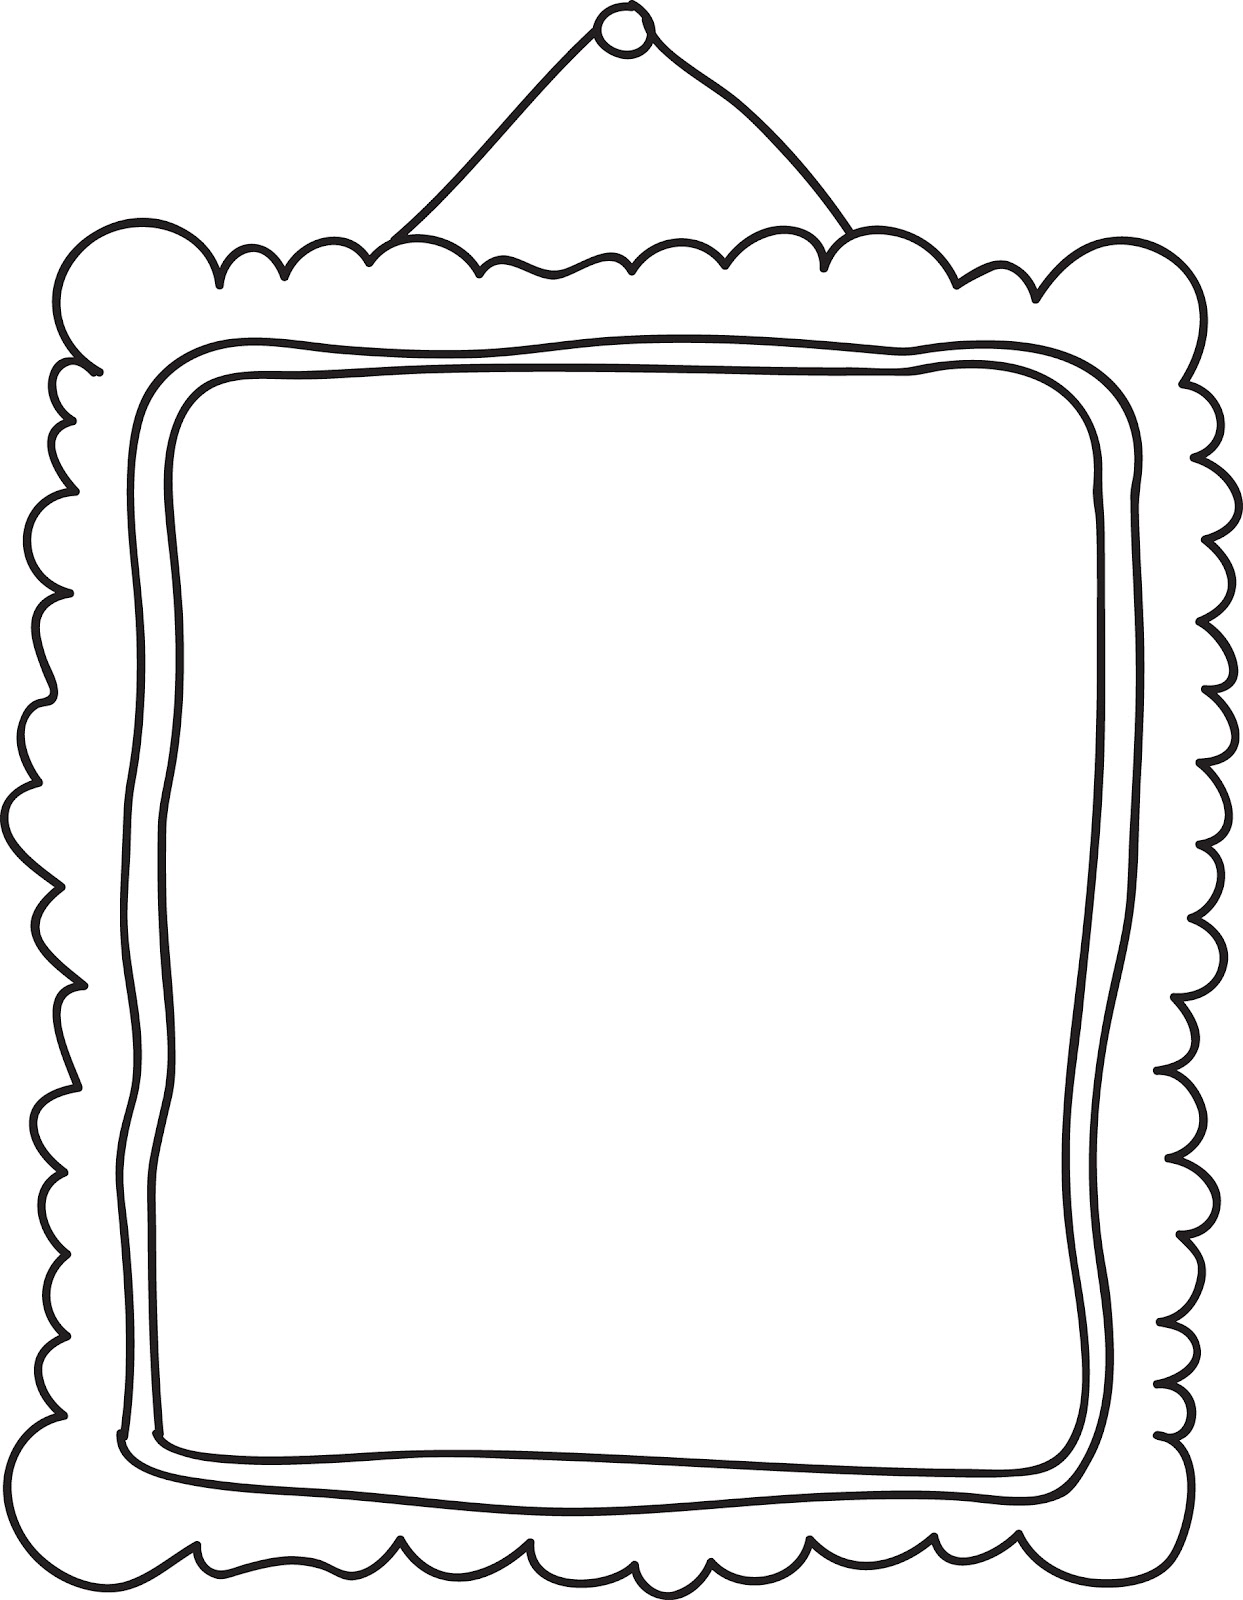 frame clipart-frame clipart-3